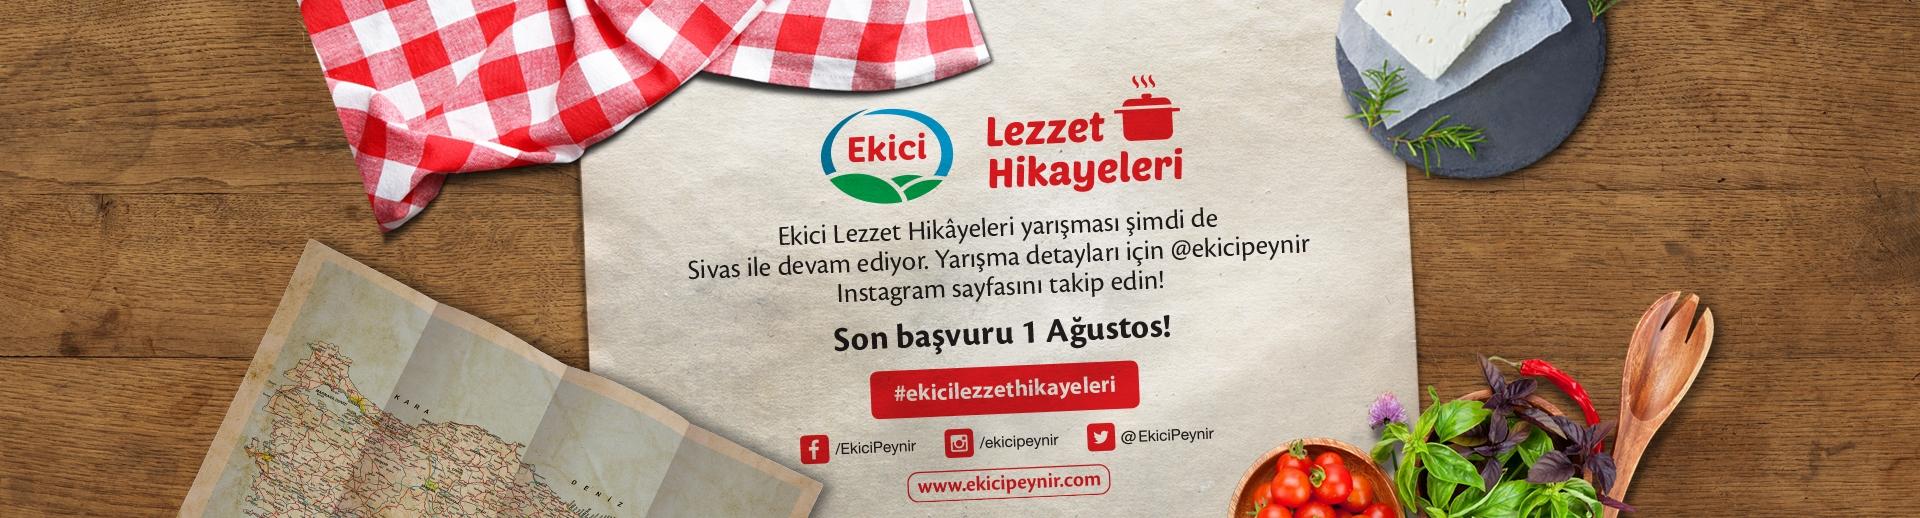 Ekici Lezzet Hikayeleri Sivas'da devam ediyor…